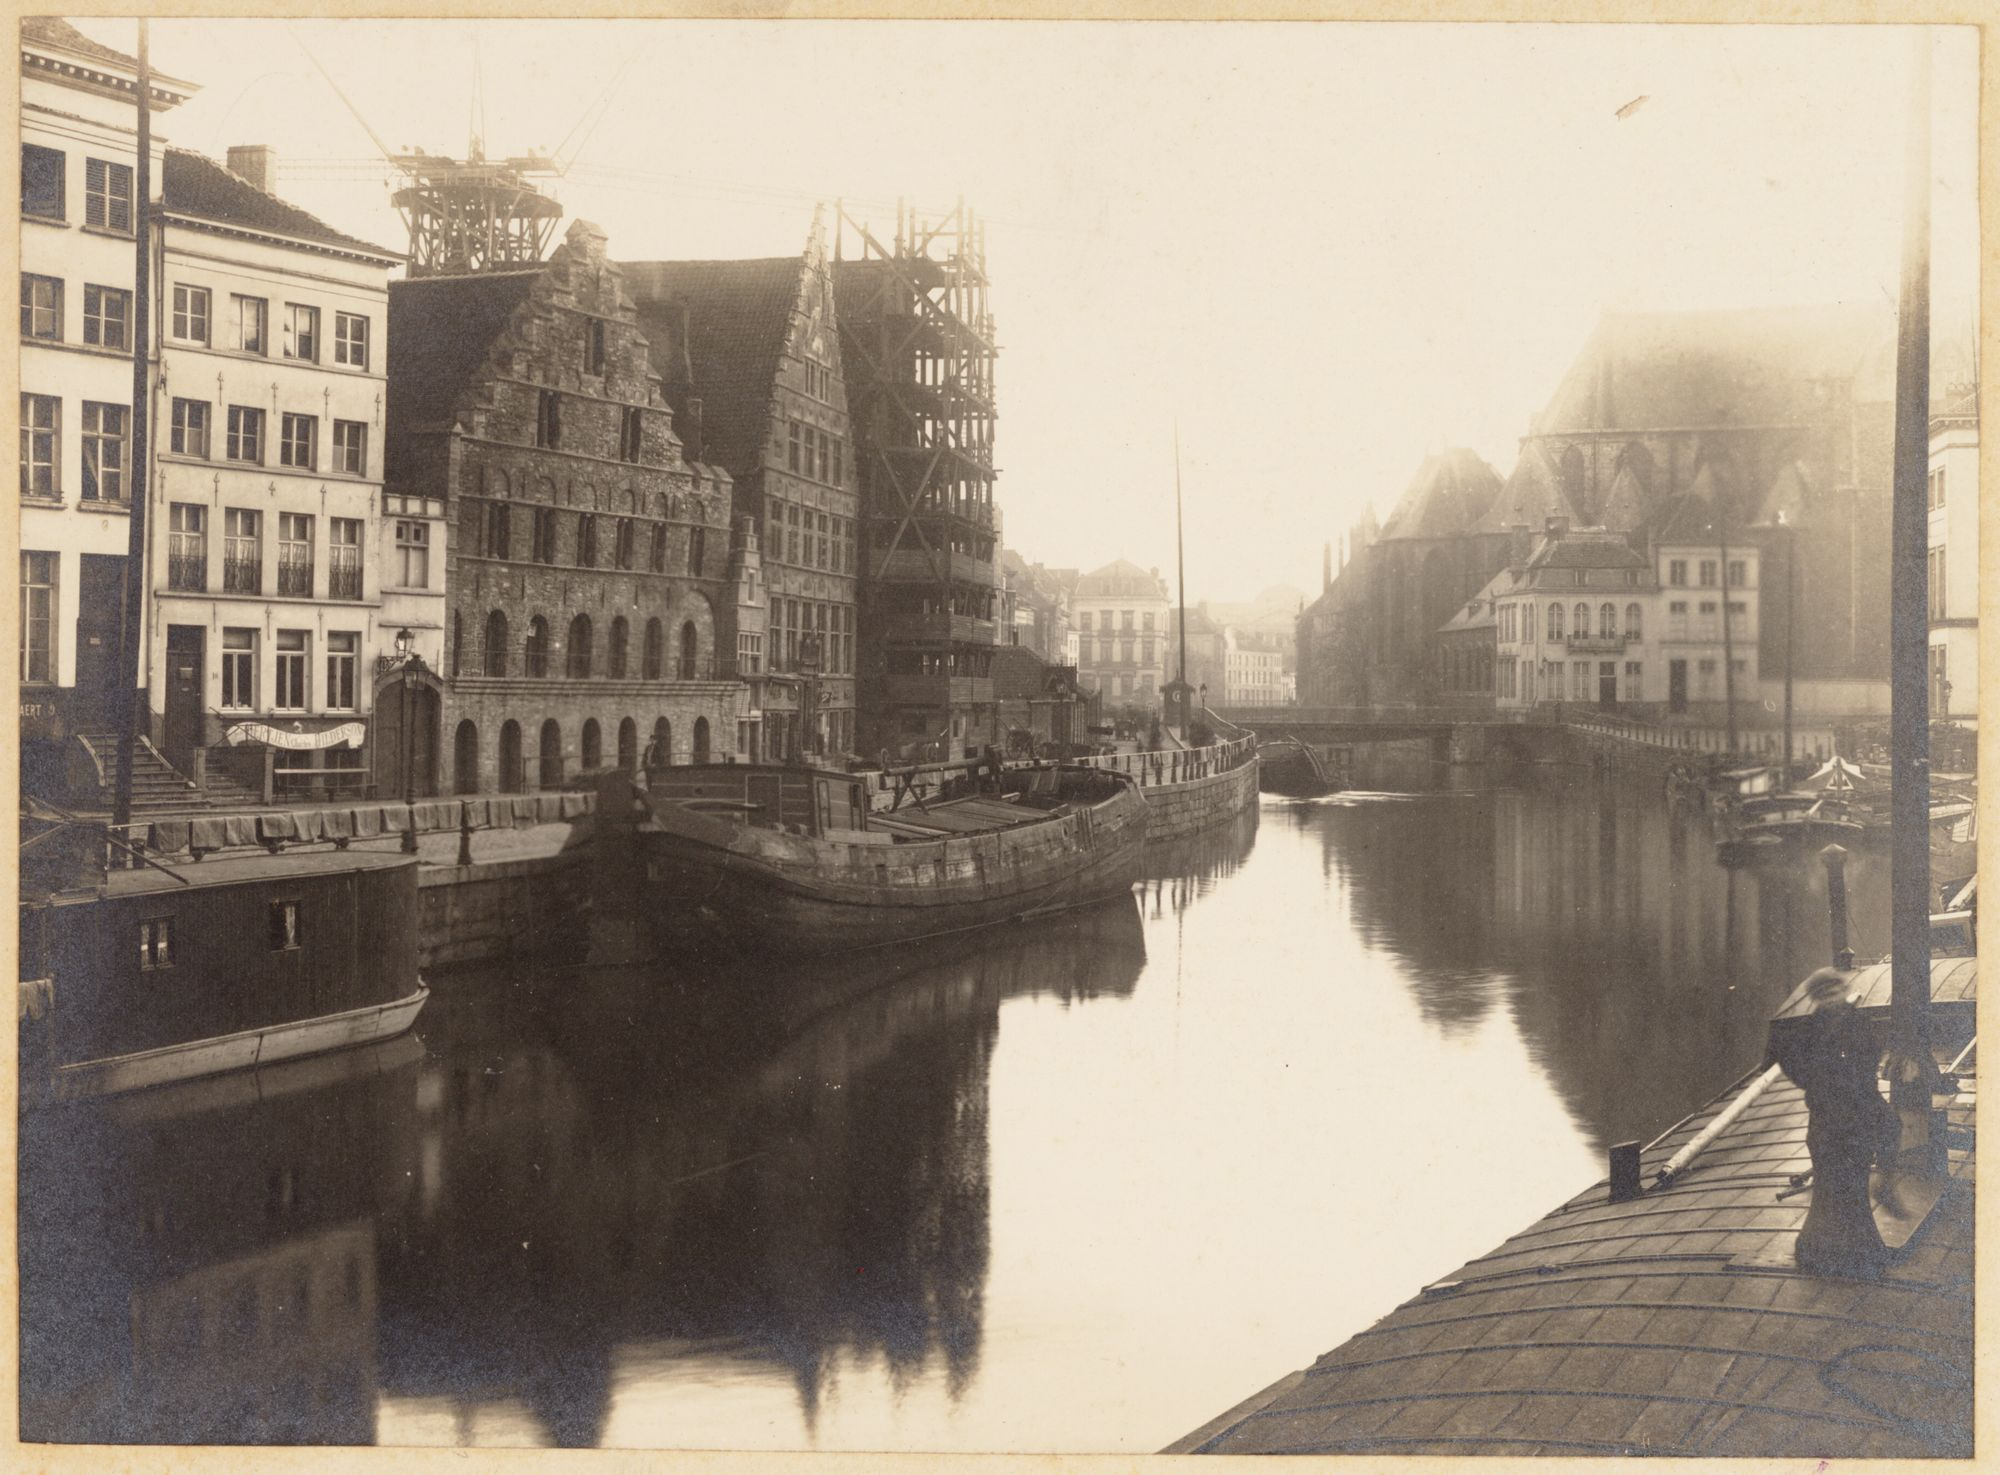 Gent: Korenstapelhuis, Korenmetershuis en Huis Vrije Schippers (in restauratie), Graslei